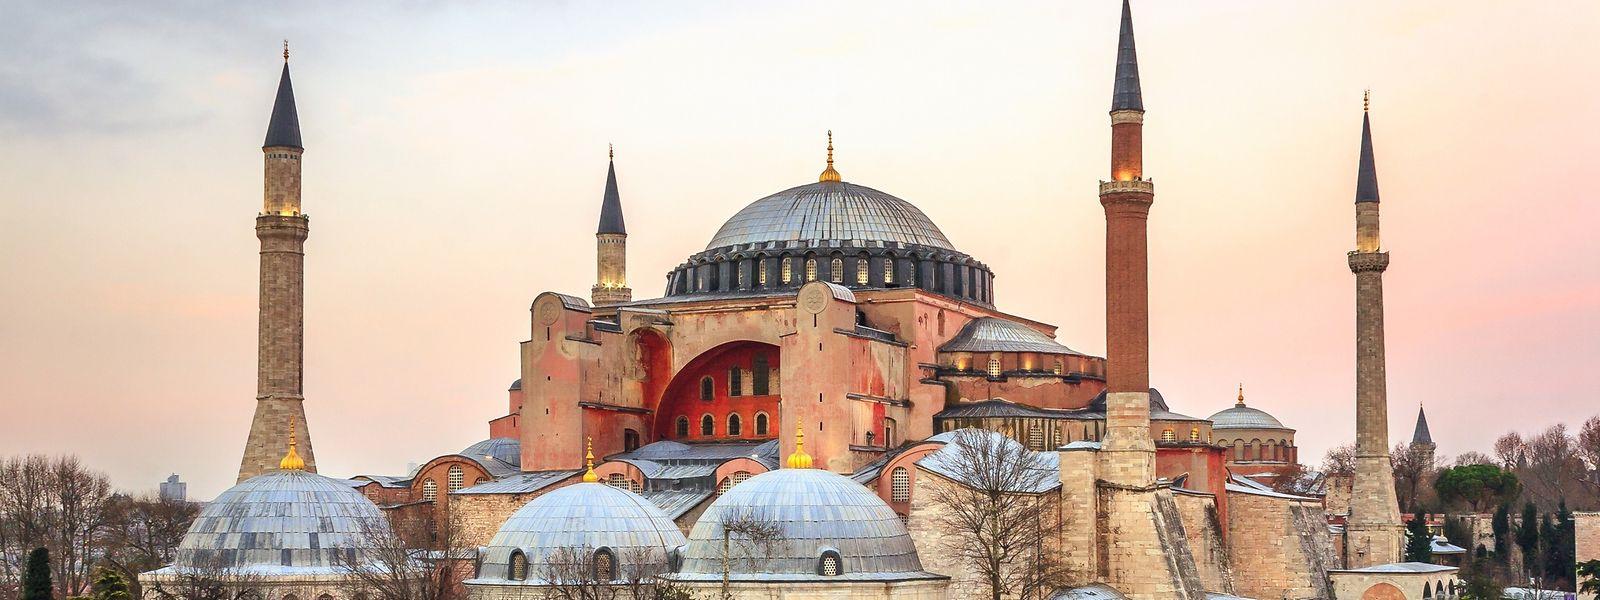 Die Hagia Sophia: Von der Kathedrale zur Moschee zum Museum zur Moschee.